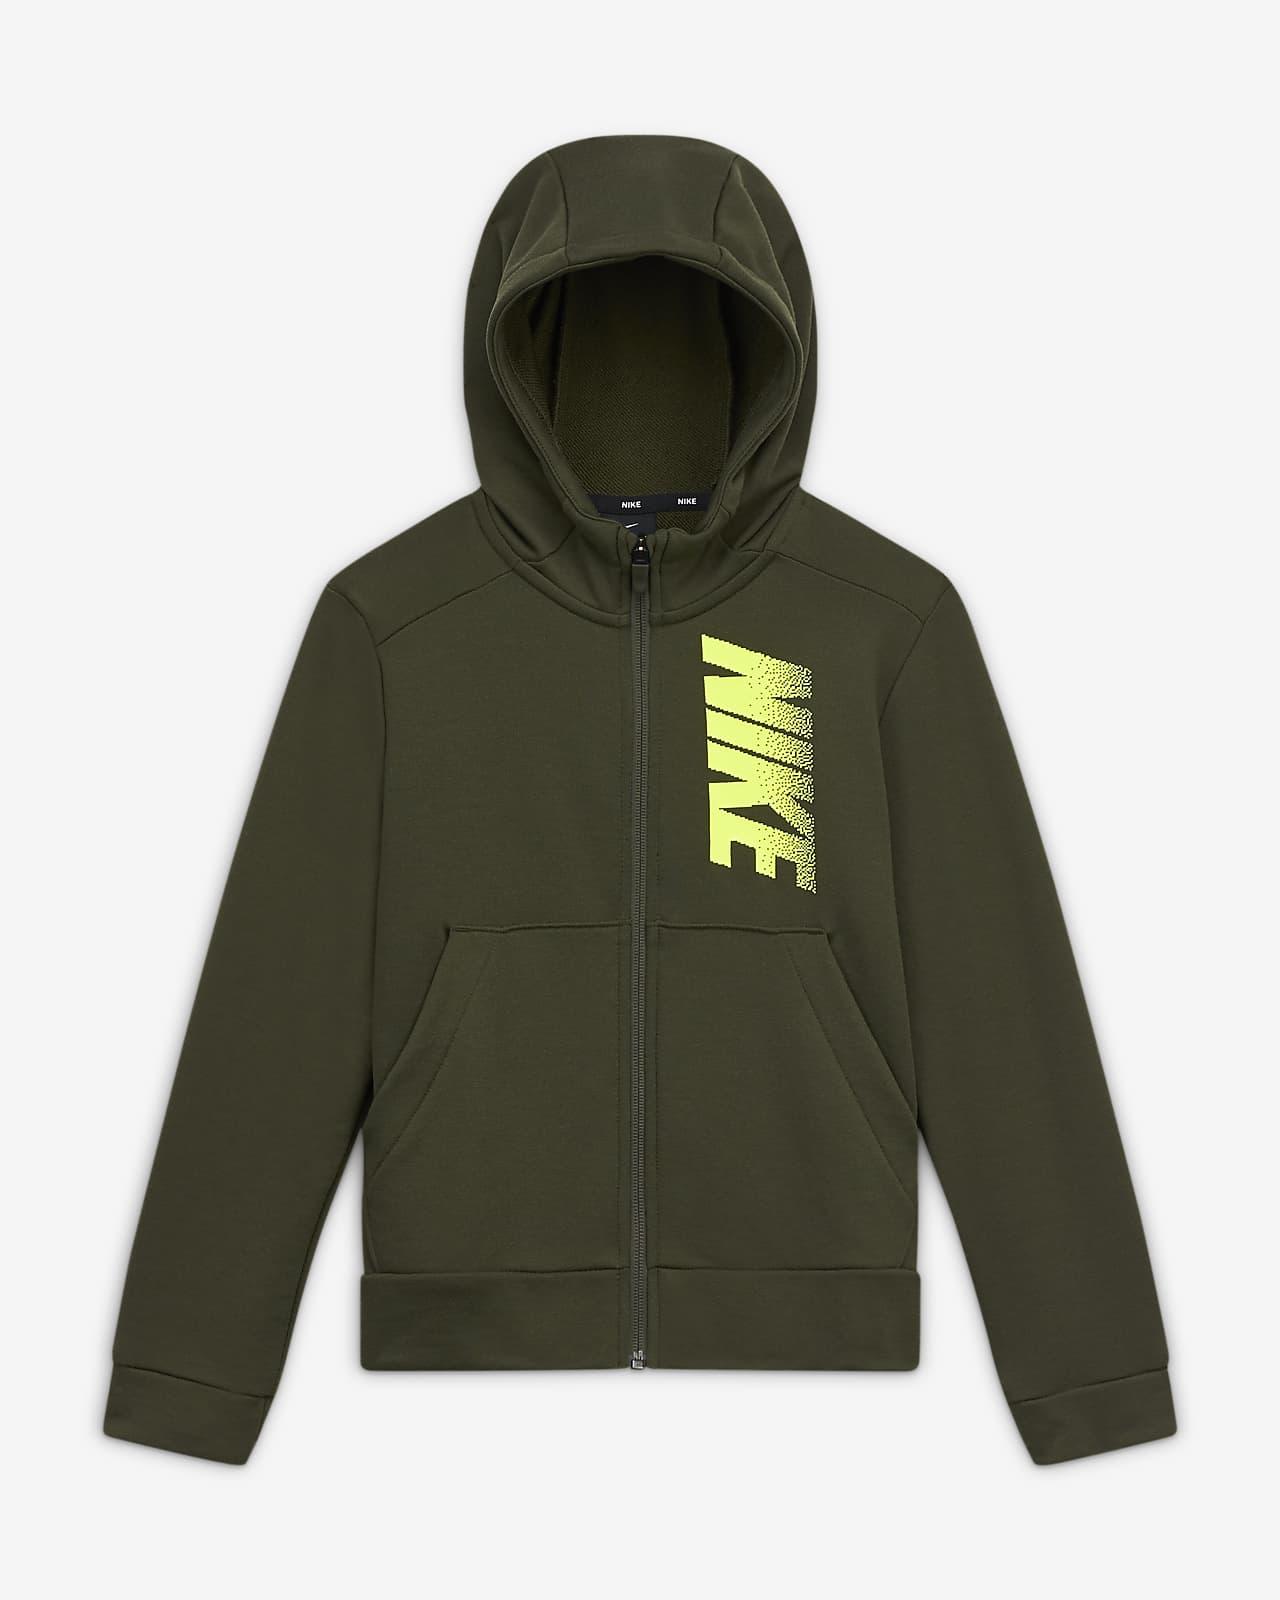 Флисовая худи с молнией во всю длину и графикой для мальчиков школьного возраста Nike Dri-FIT